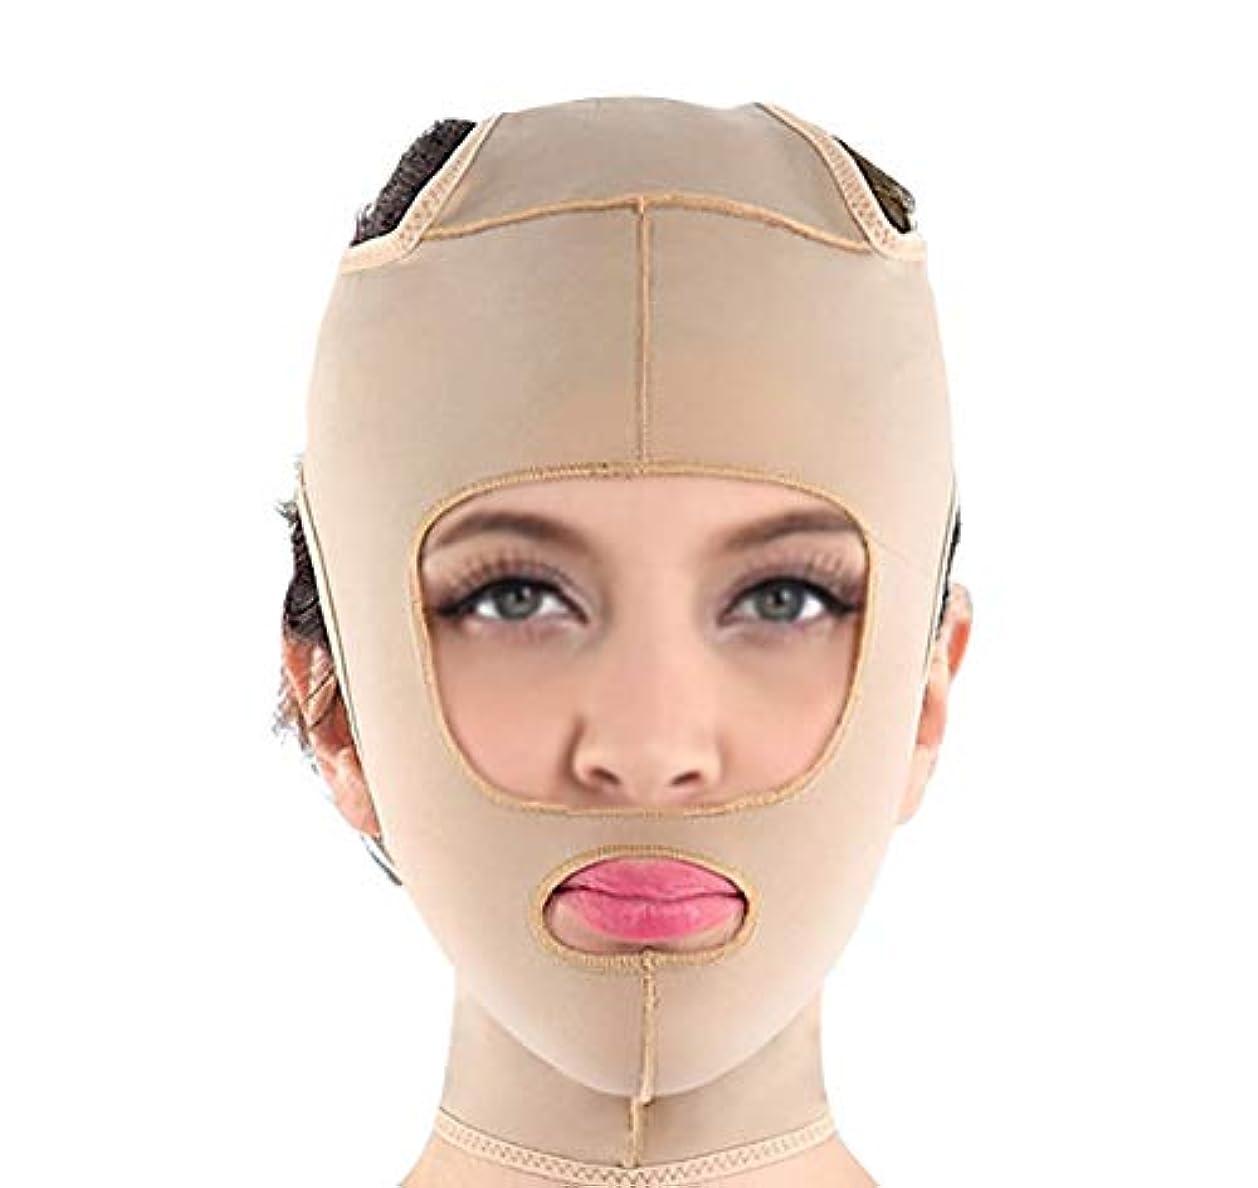 薬理学美人農奴包帯vフェイス楽器フェイスマスクマジックフェイスフェイシャルファーミングフェイシャルマッサージフェイシャルリンクルリフティング引き締めプラスチックマスク (Size : L)